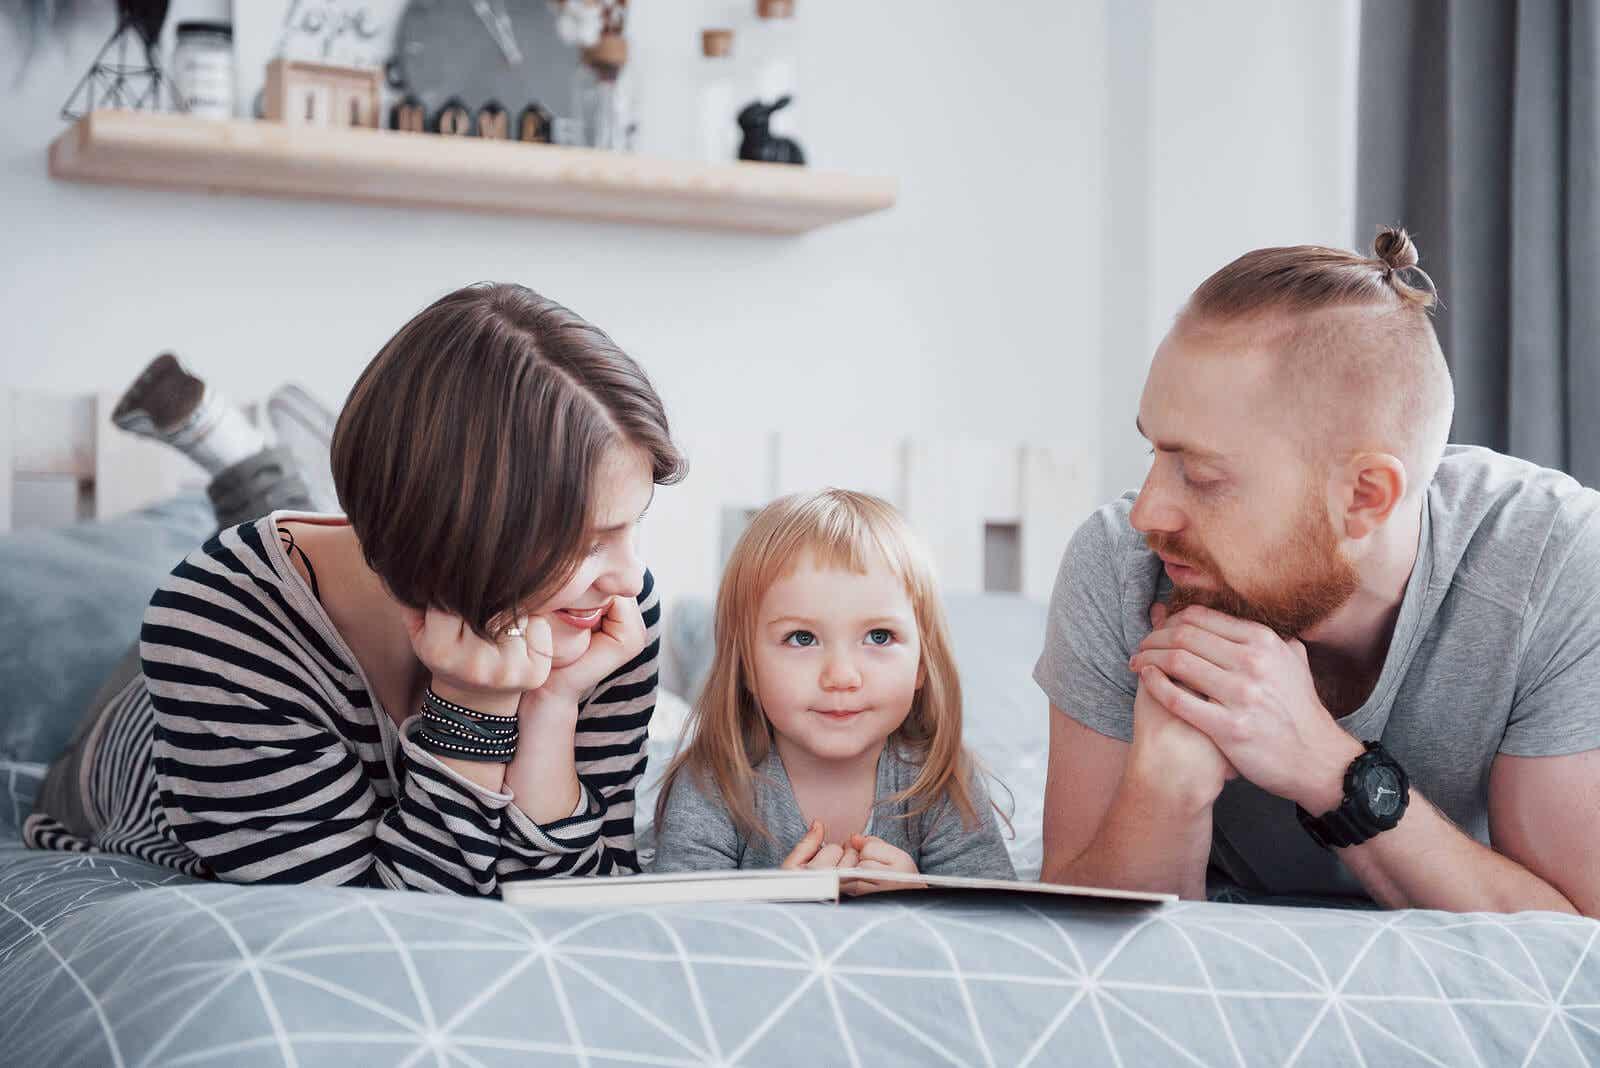 Rodzice i ich córka leżąc w łóżku, czytając książkę.